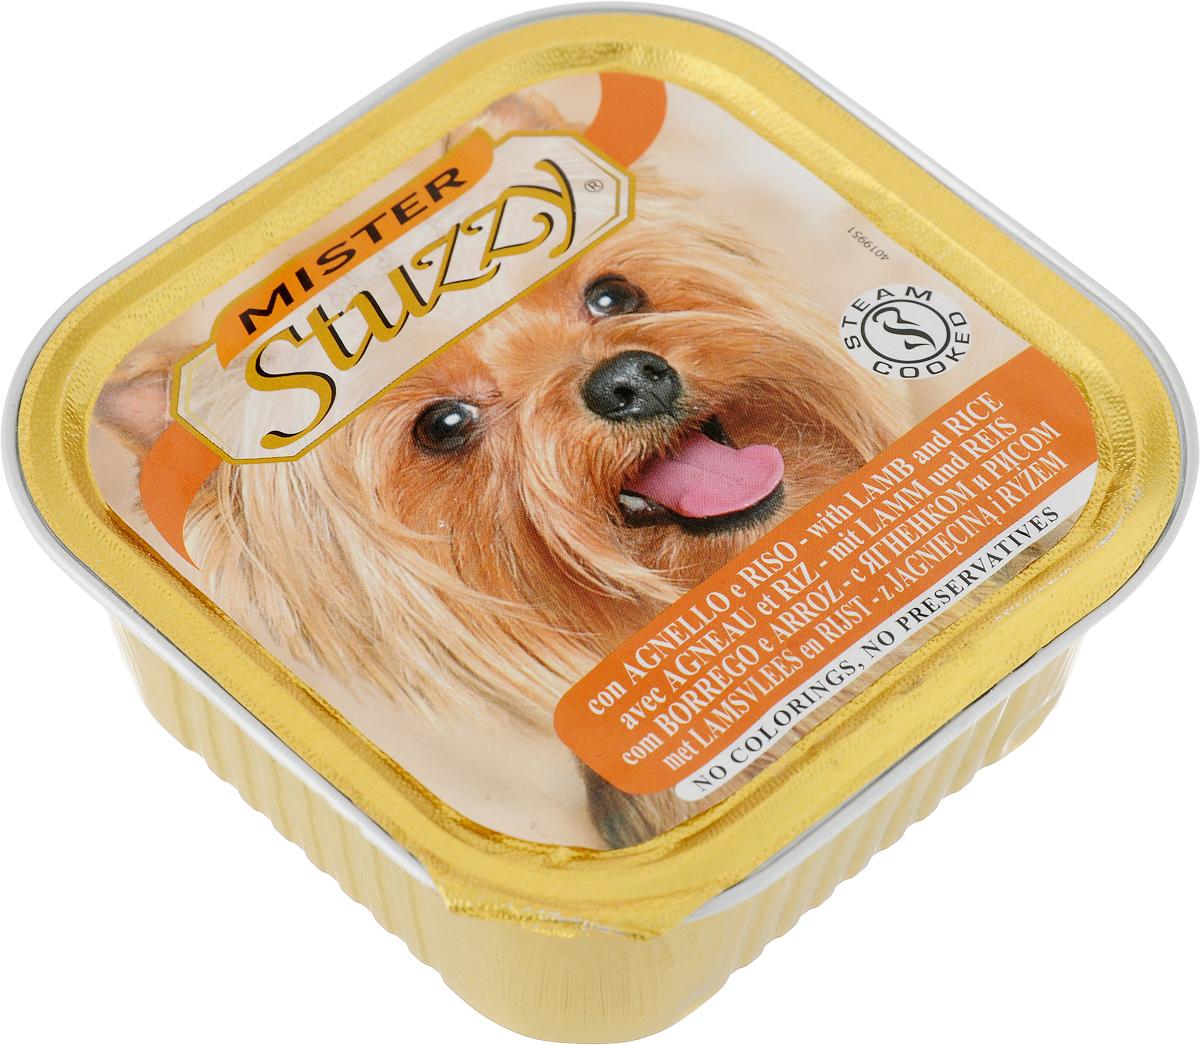 Консервы для собак Stuzzy Mister, с ягненком и рисом, 150 г130.4.026Stuzzy Mister - это полнорационный корм для взрослых собак. Корм обогащен таурином и витамином Е для поддержания правильной работы сердца и иммунной системы. Инулин обеспечивает всасывание питательных веществ, а биотин способствуют великолепному внешнему виду кожи и шерсти. Корм приготовлен на пару, не содержит красителей и консервантов. Товар сертифицирован.